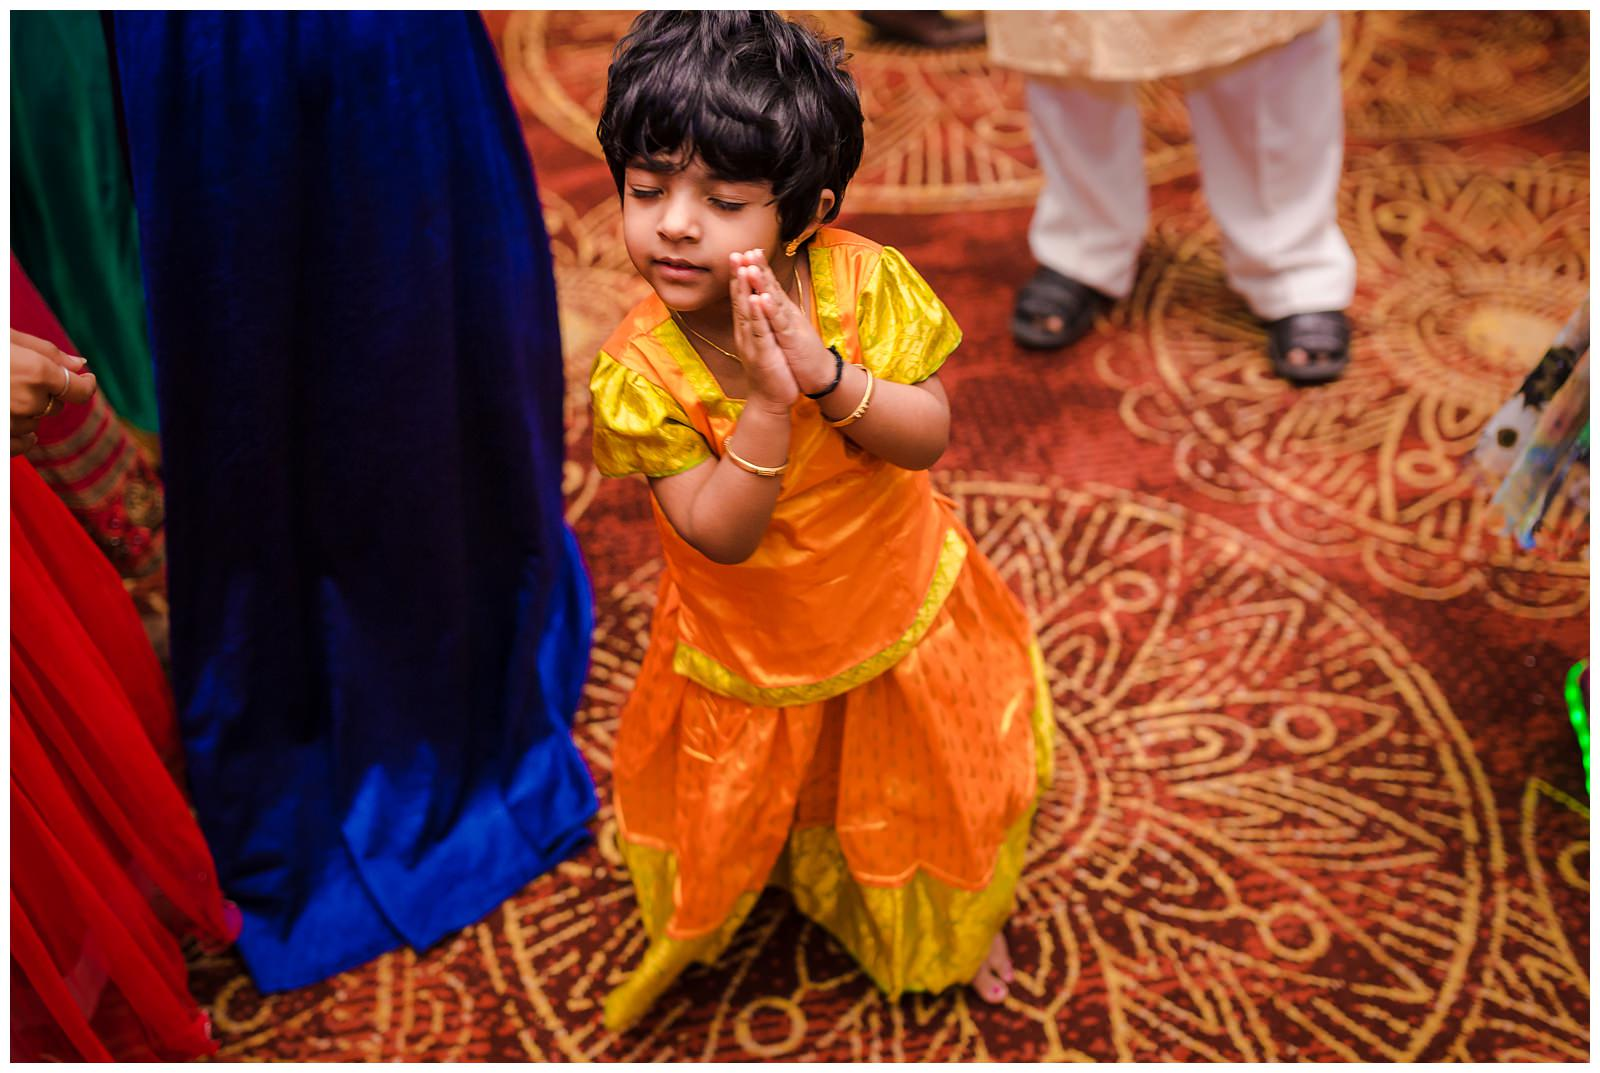 21012018-Siddharth-Shradha-Reception-Candid-662-13.jpeg